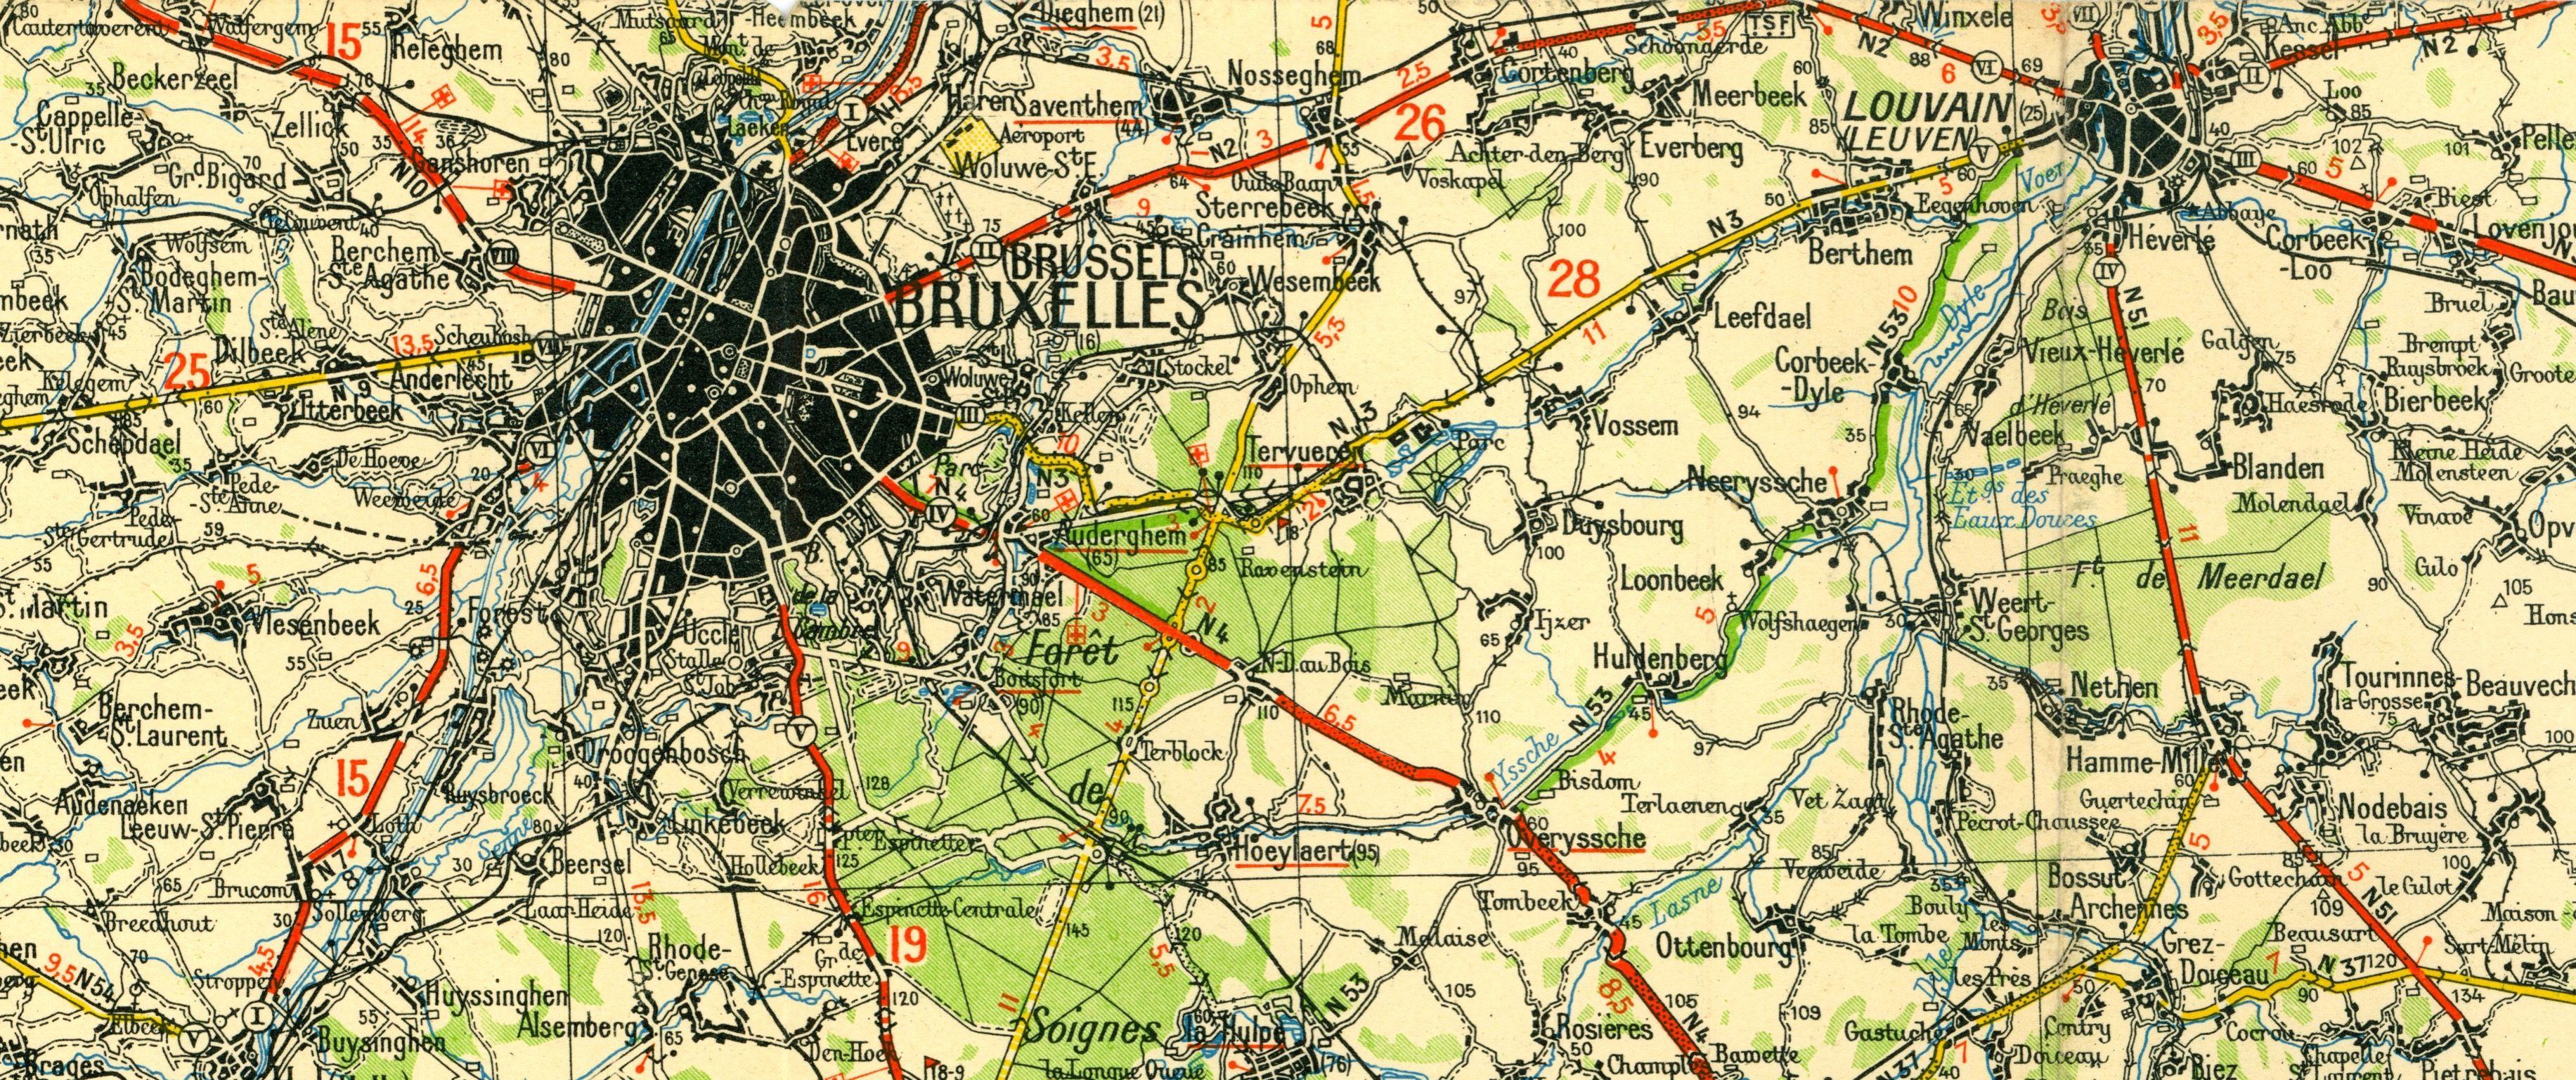 Brussel kaart Michelin 1200000 BruxellesLige 1930 Brussels